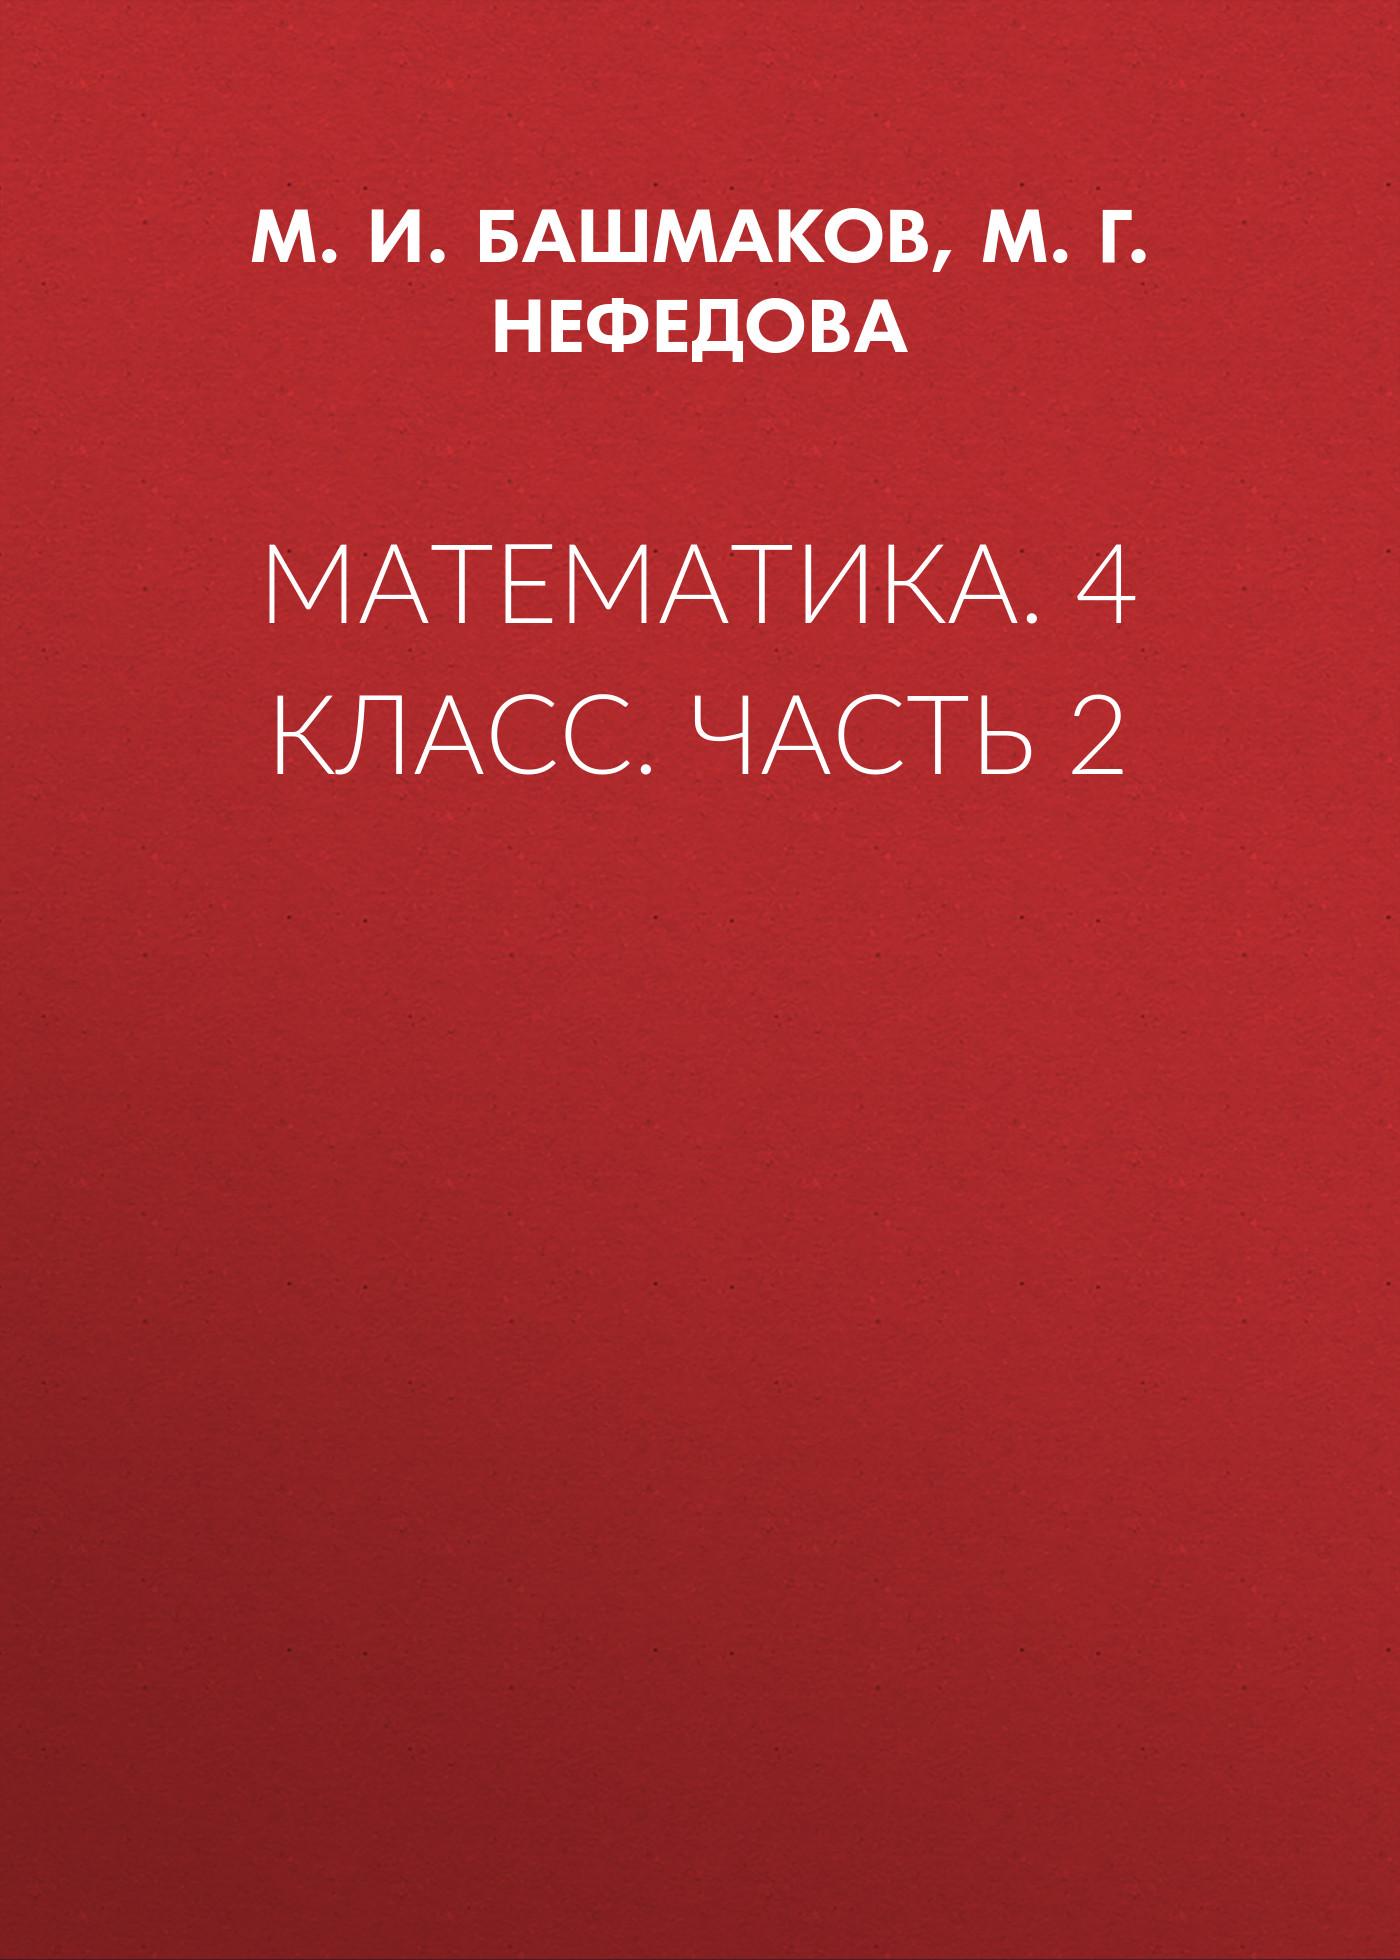 М. И. Башмаков Математика. 4 класс. Часть 2 федеральный государственный образовательный стандарт начального общего образования